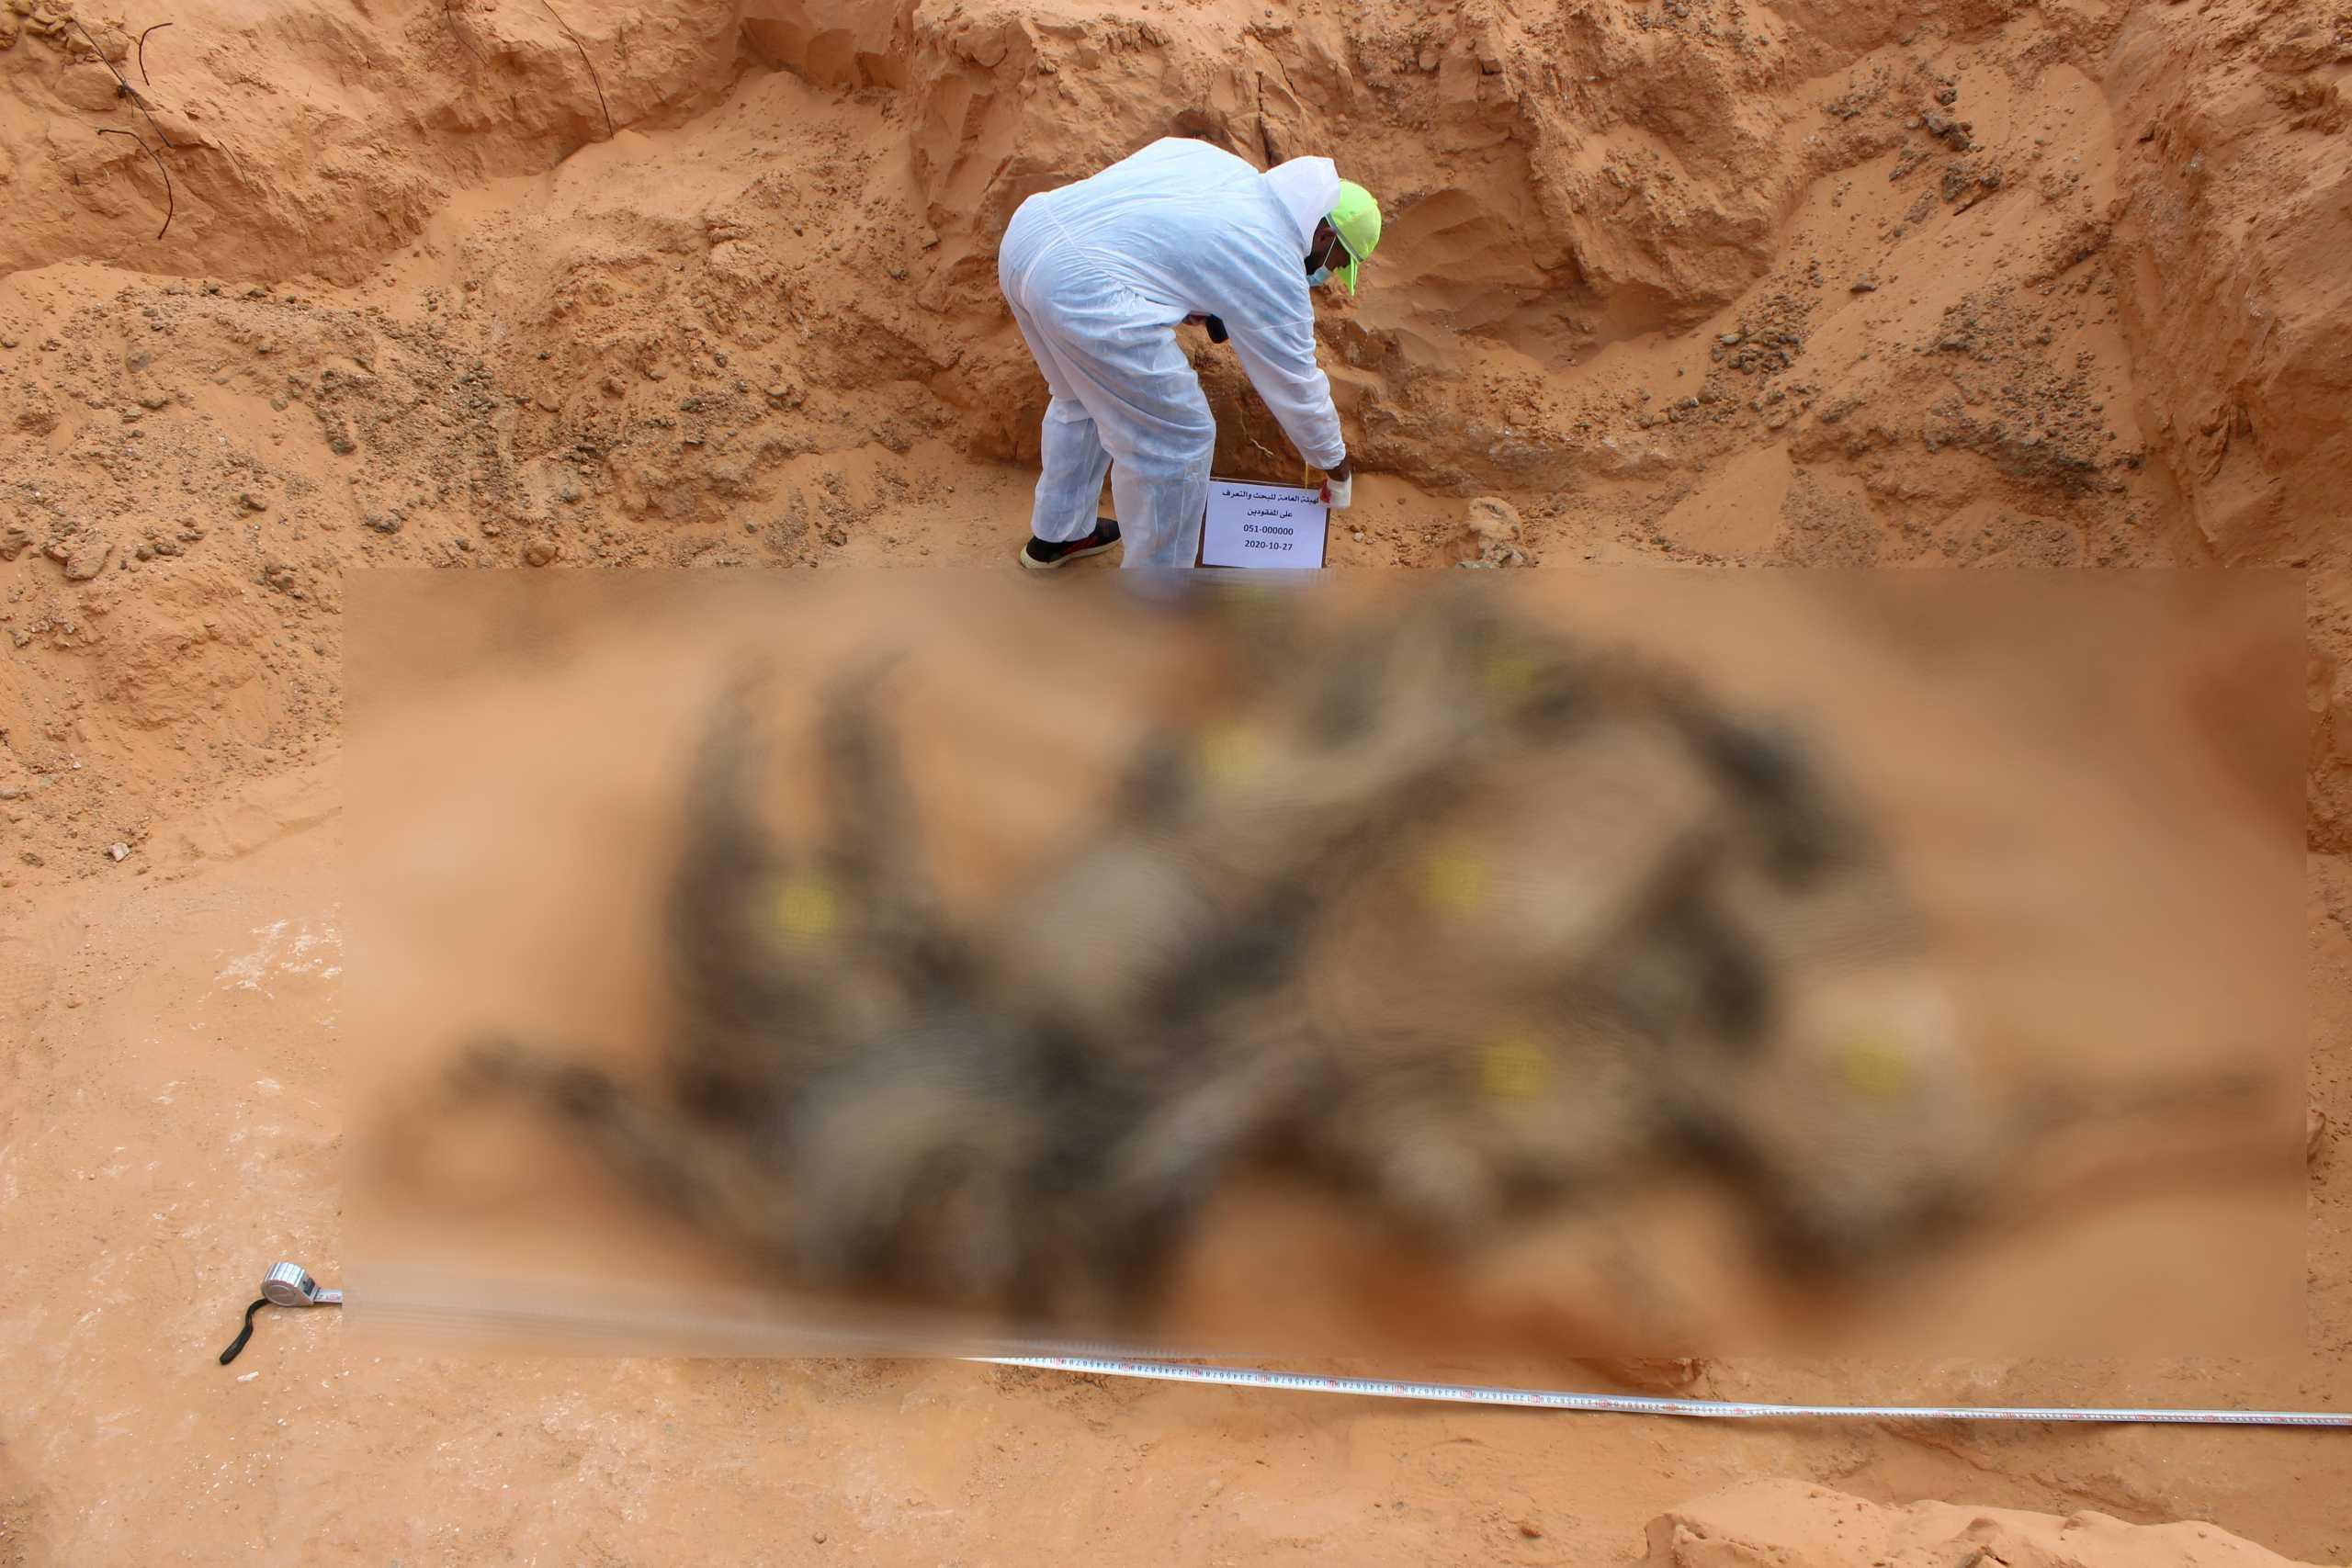 Λιβύη: 25 σοροί ανασύρθηκαν από νέους μαζικούς τάφους που ανακαλύφθηκαν στη δυτική Λιβύη